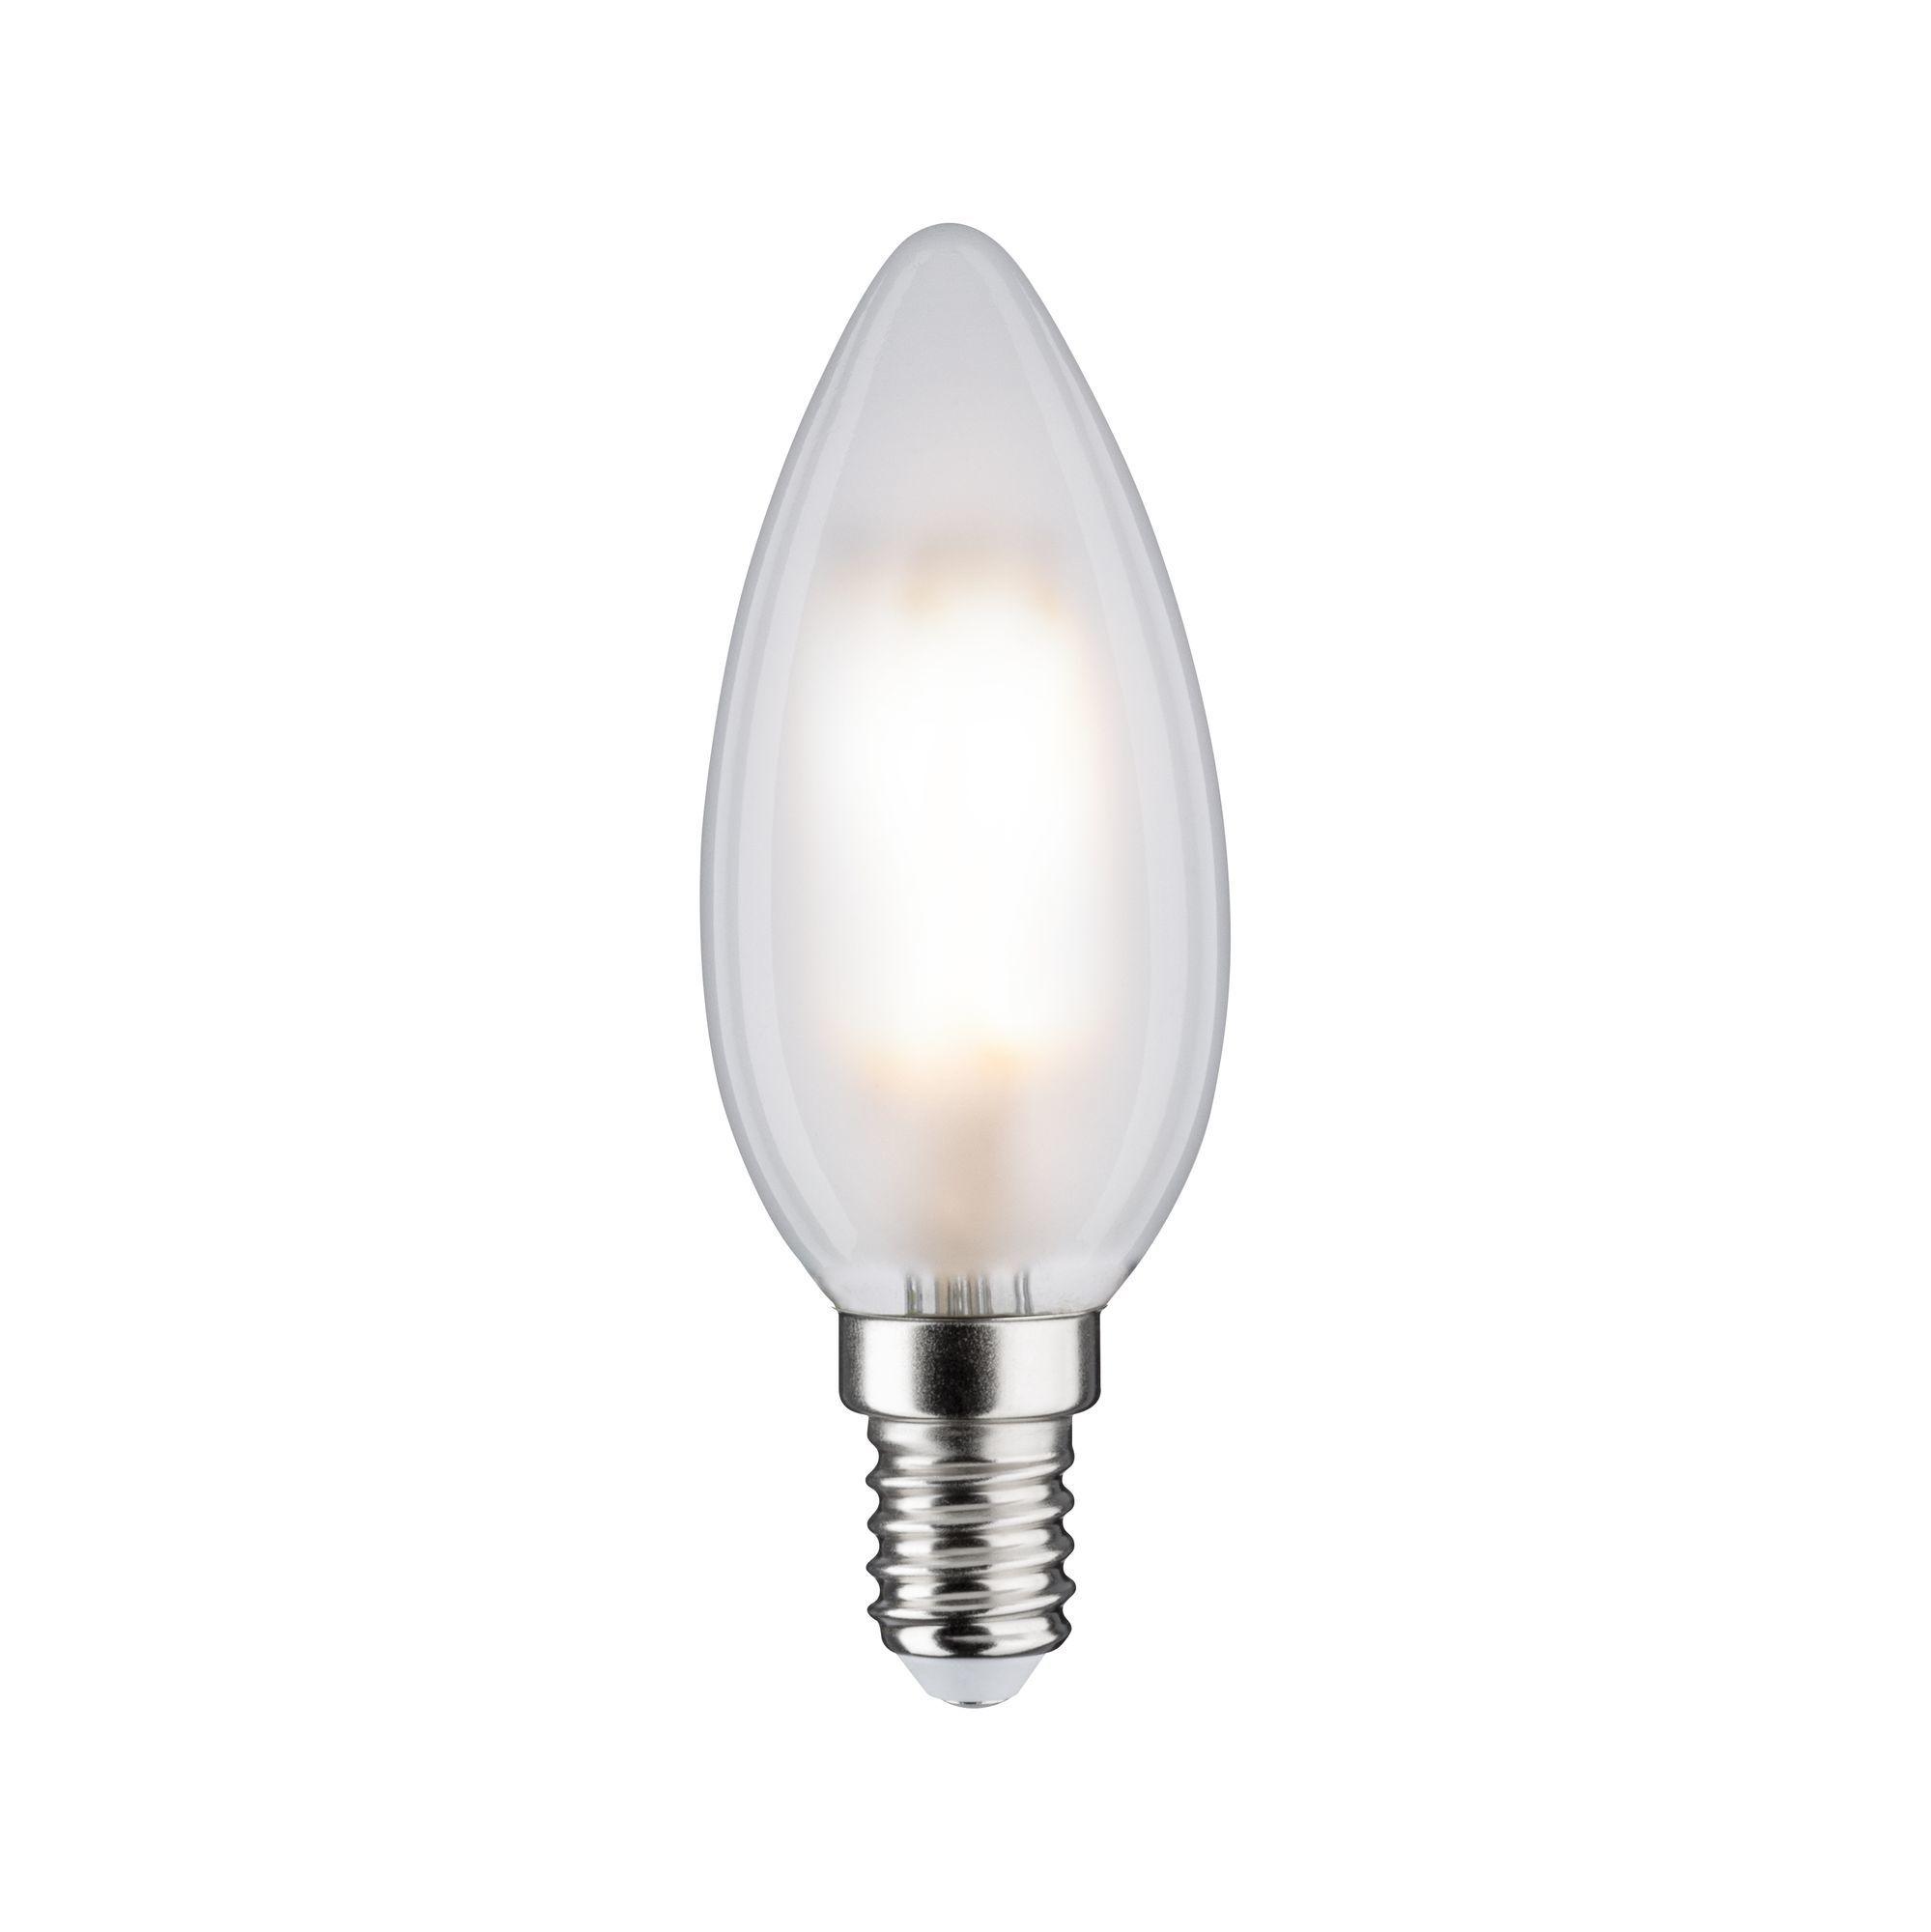 Paulmann LED Fil 2er Kerze 470lm E14 2700K matt 5W 230V (28637)